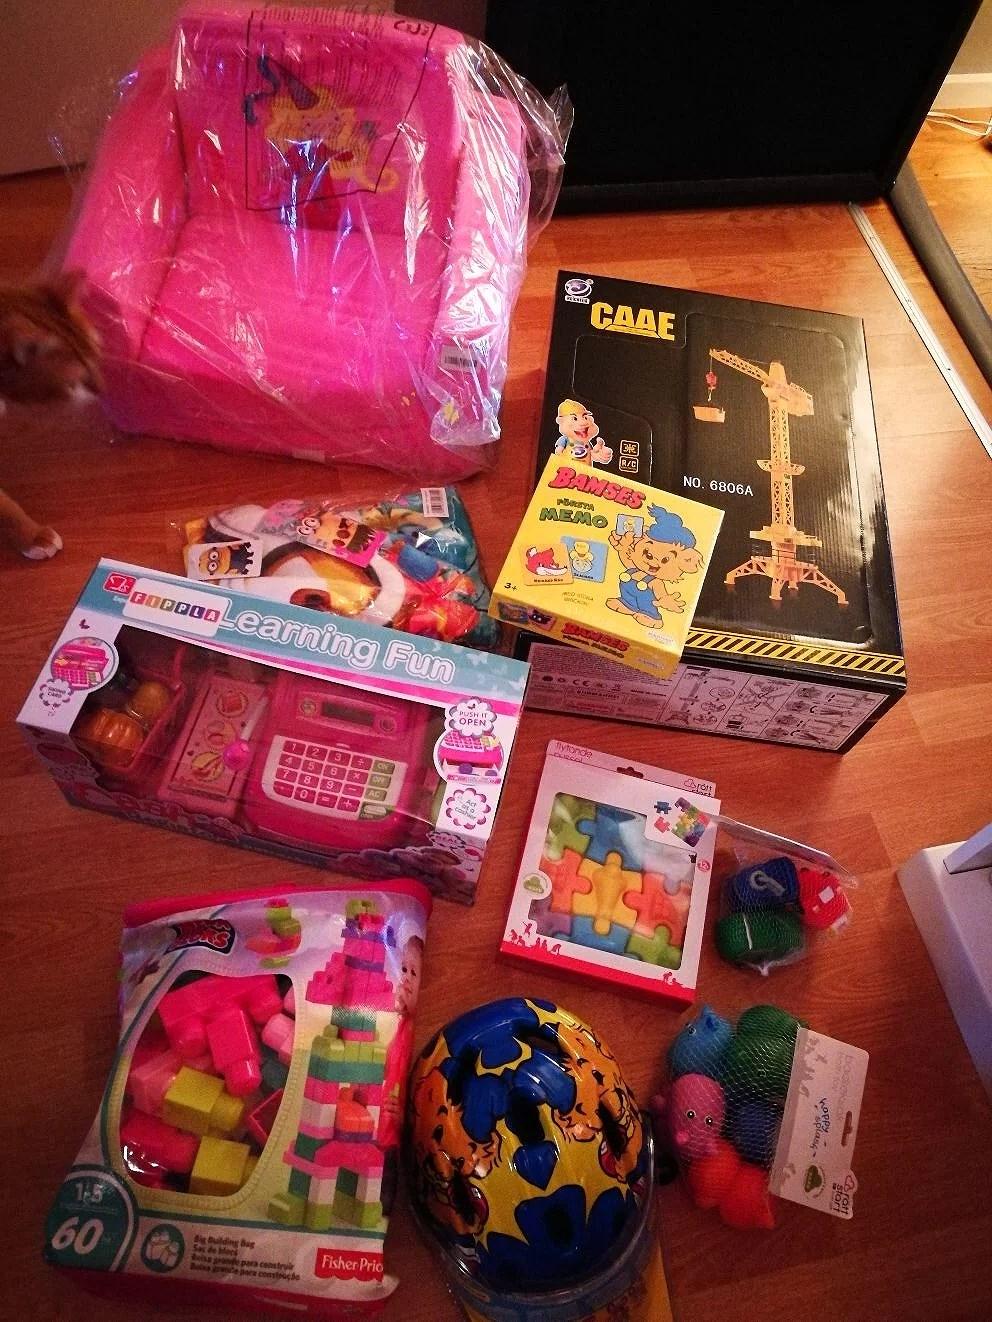 lite julklappar/födelsedagspresenter:)